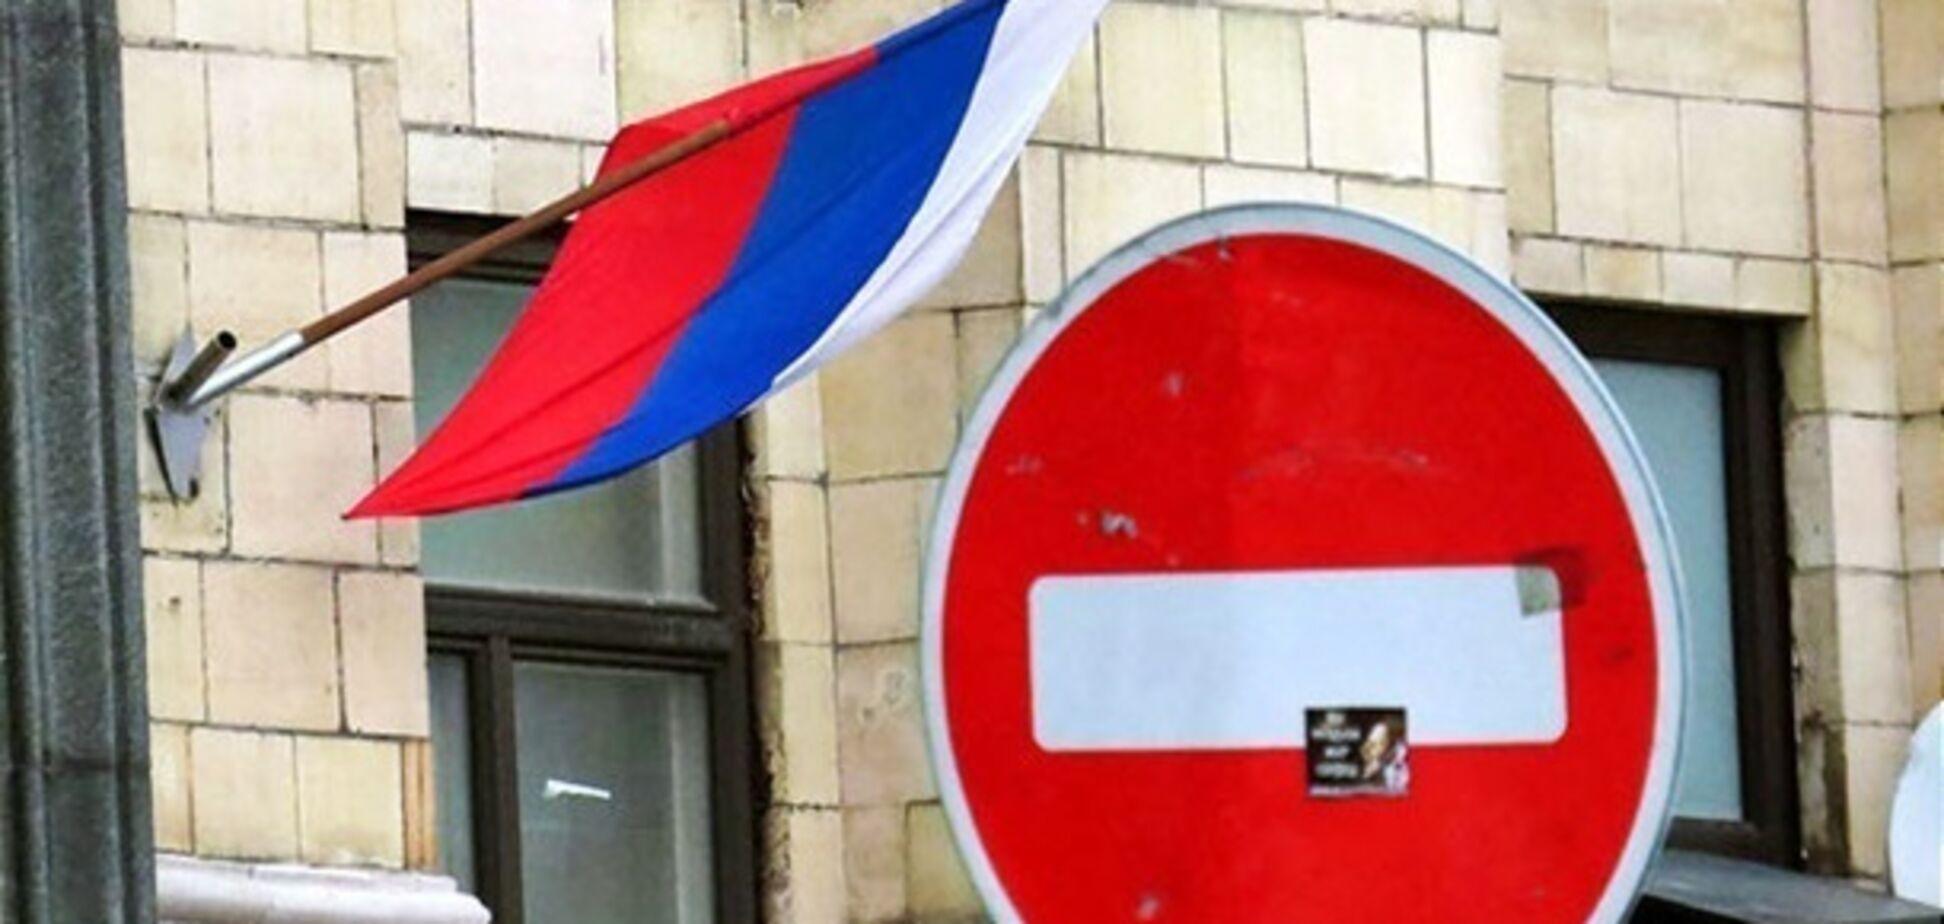 Первый этап запущен: порция 'адских' санкций против России вступила в силу